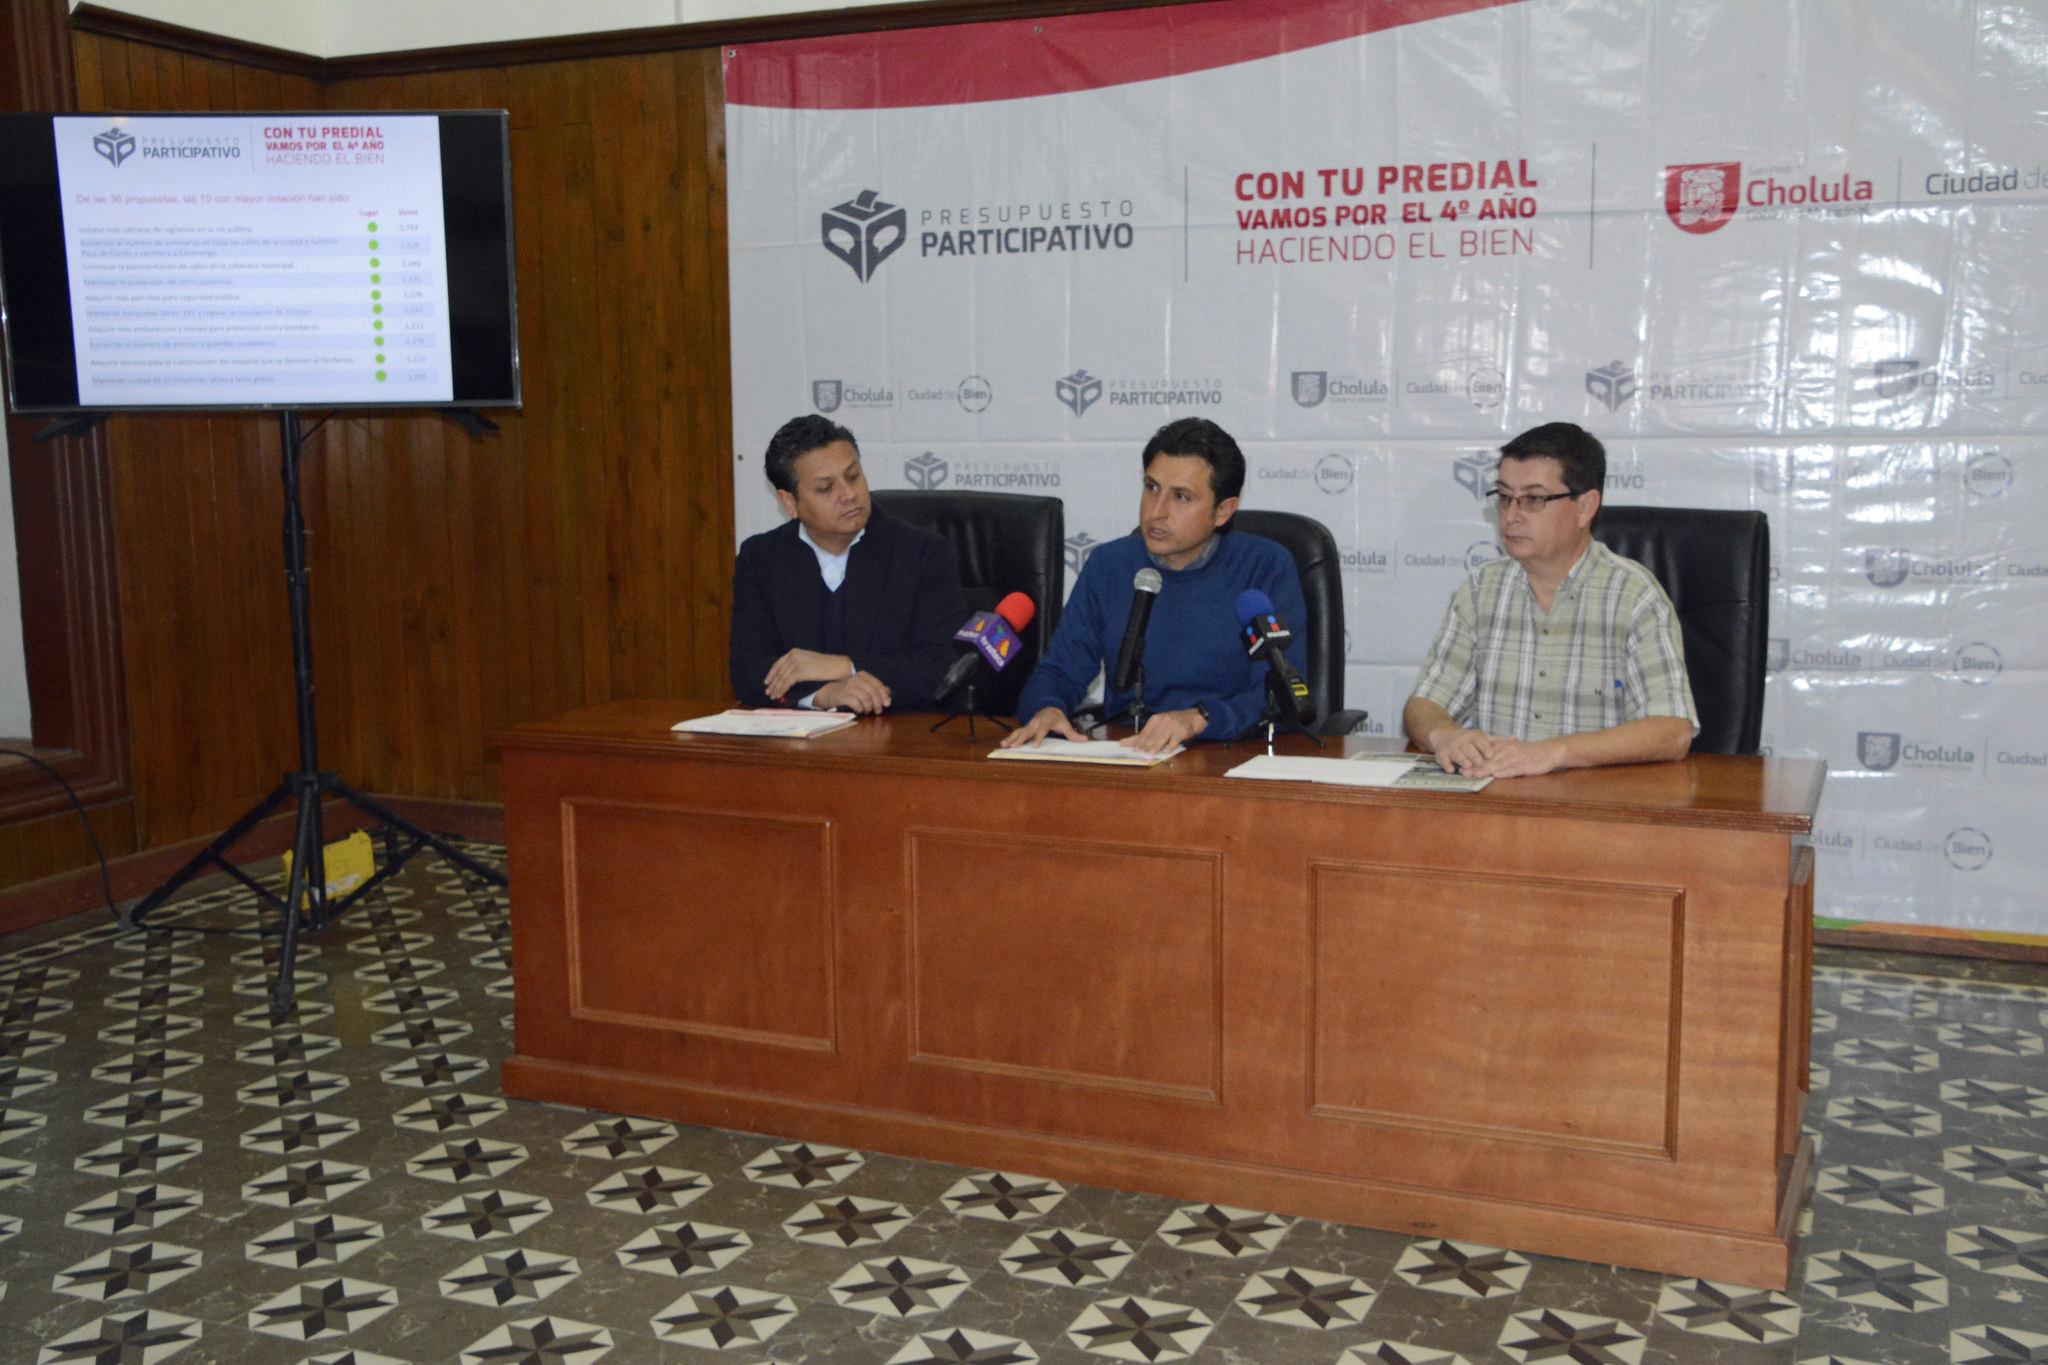 Invertirán 110 mdp  en Presupuesto Participativo de Cholula